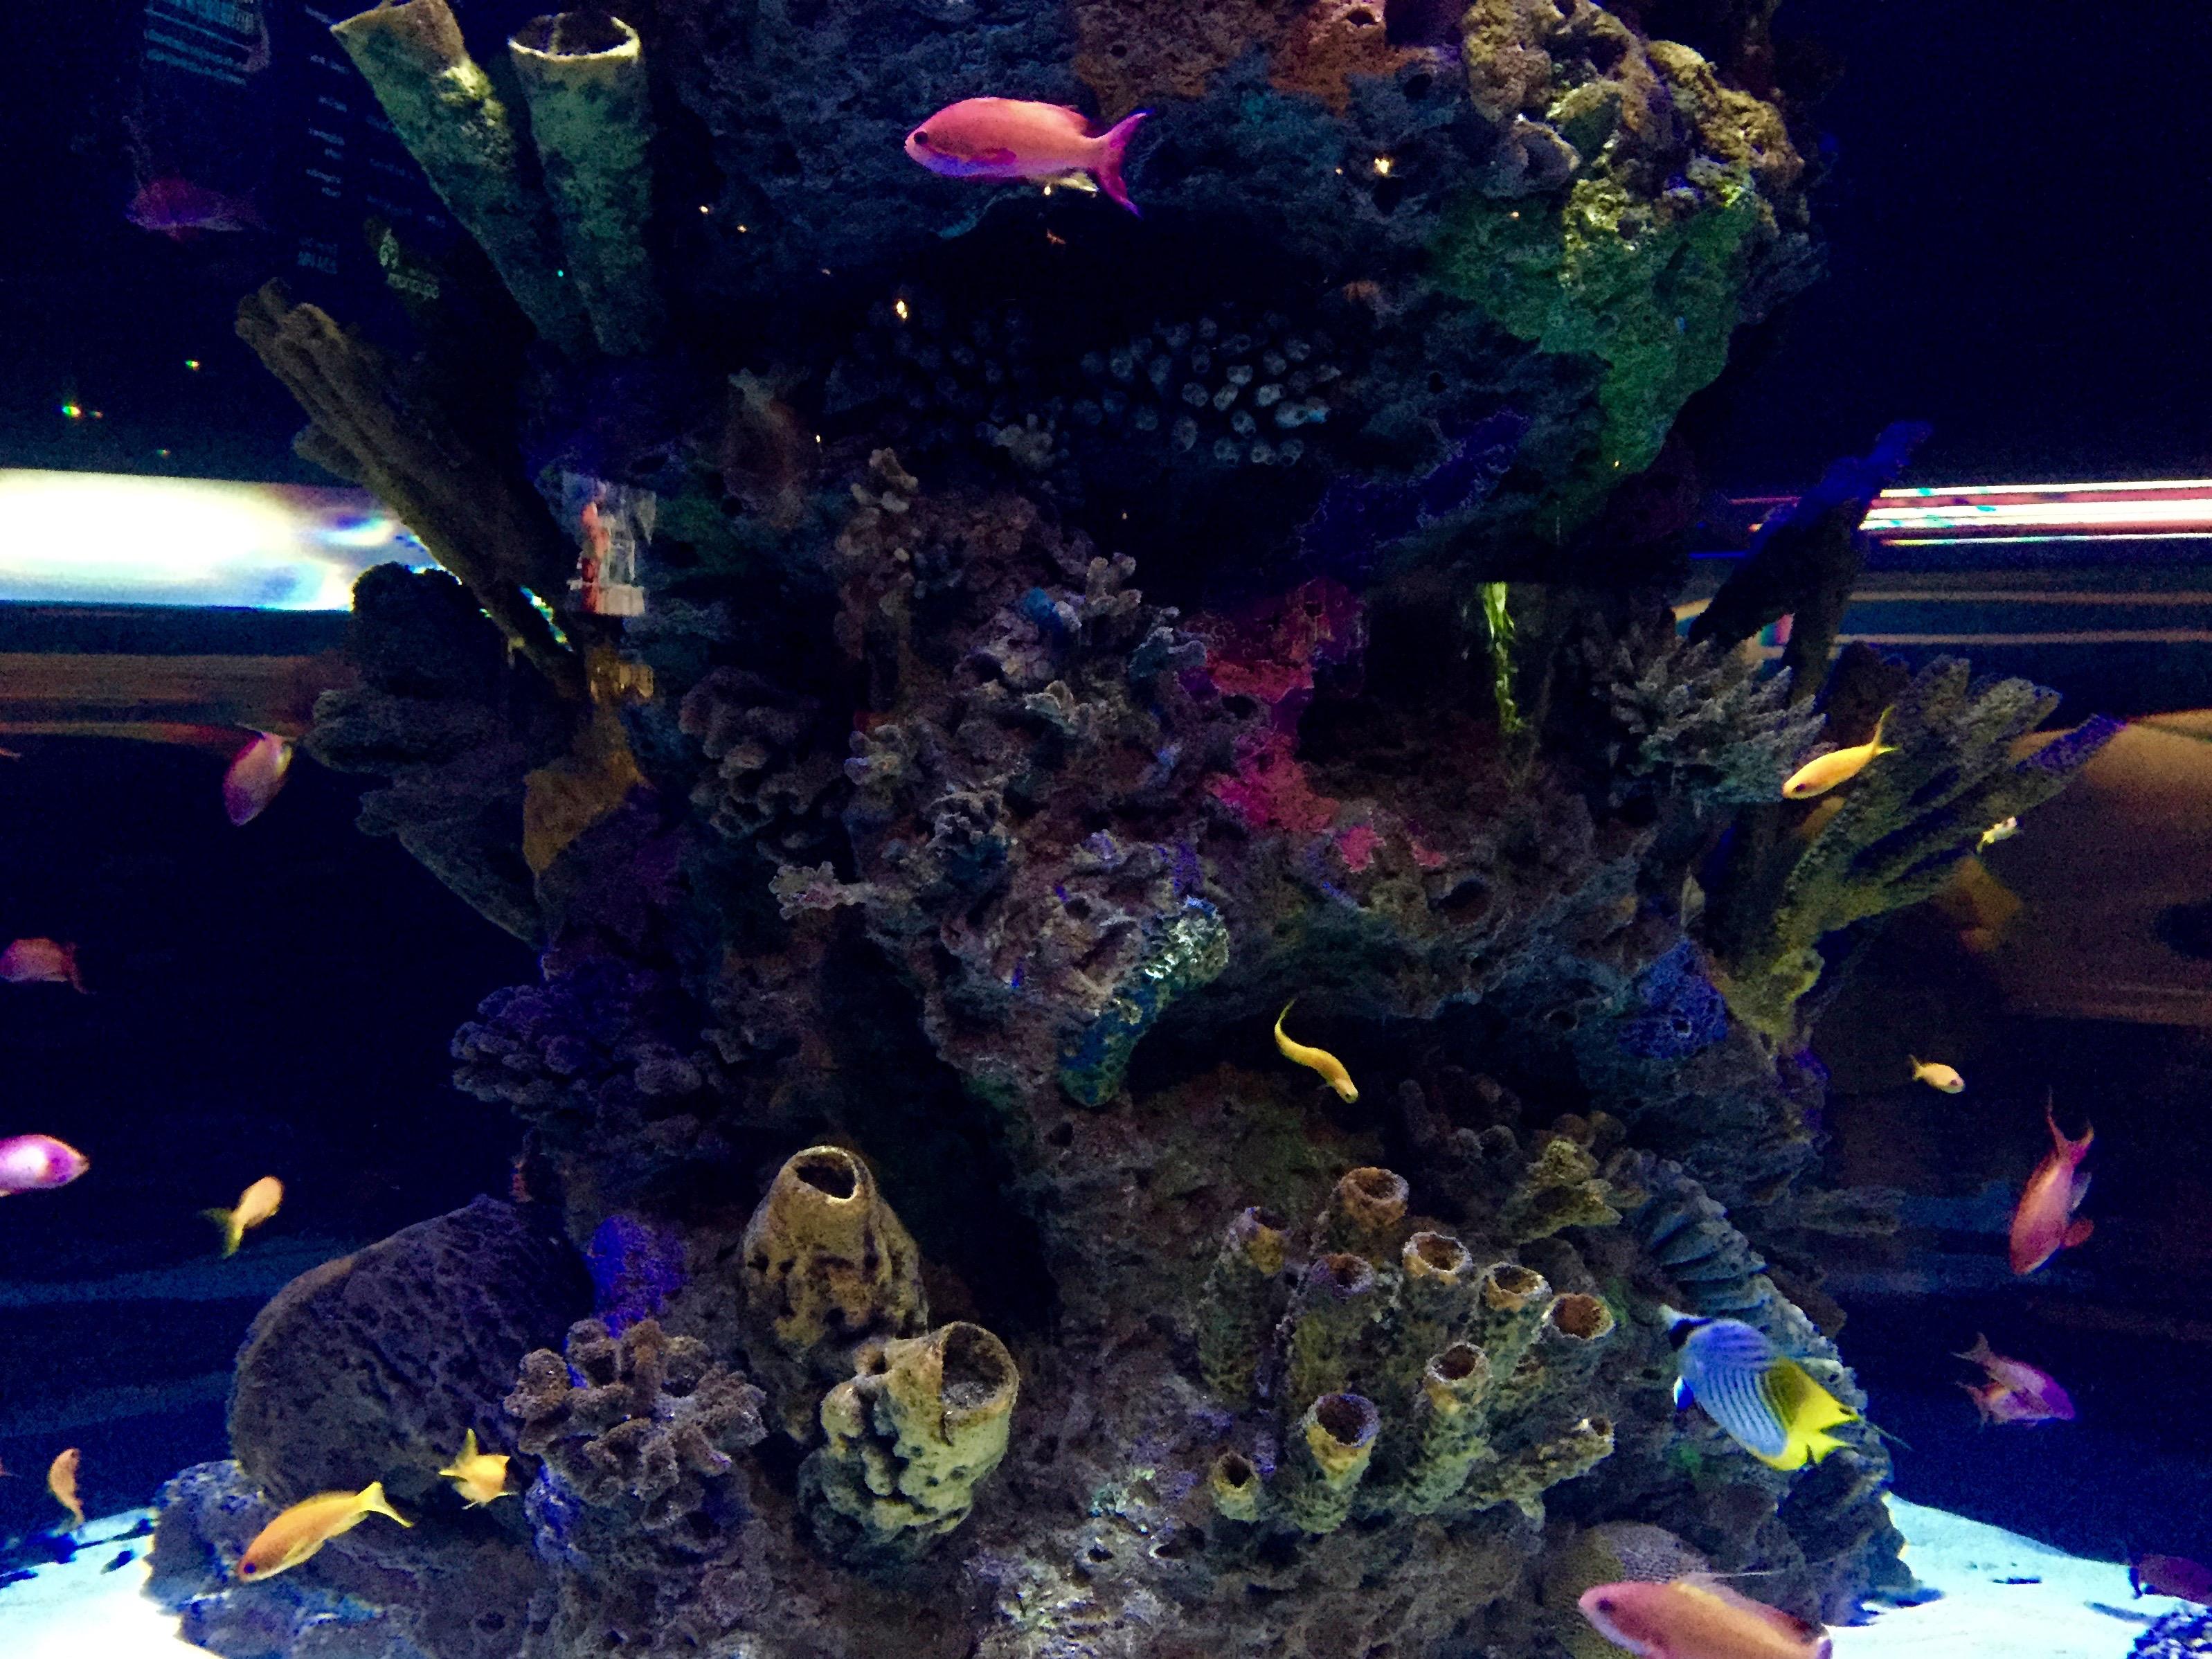 Freshwater aquarium fish vancouver - Img_4493 Img_4486 Img_4411 Img_4494 Img_4415 Img_4454